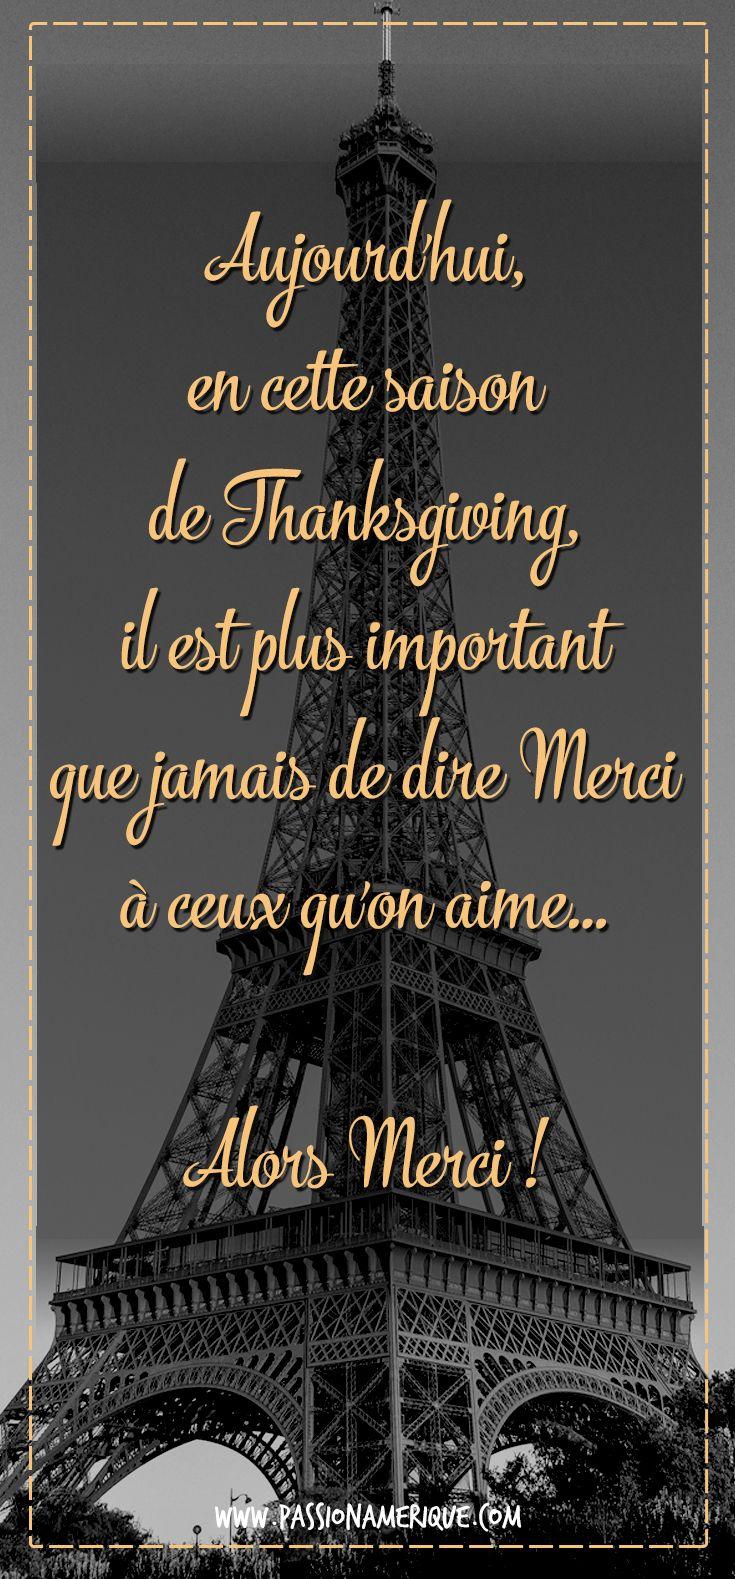 """""""Aujourd'hui, en cette saison de Thanksgiving, il est plus important que jamais de dire merci à ceux qu'on aime... Alors merci !"""" #prayforparis #citation #thanksgiving"""